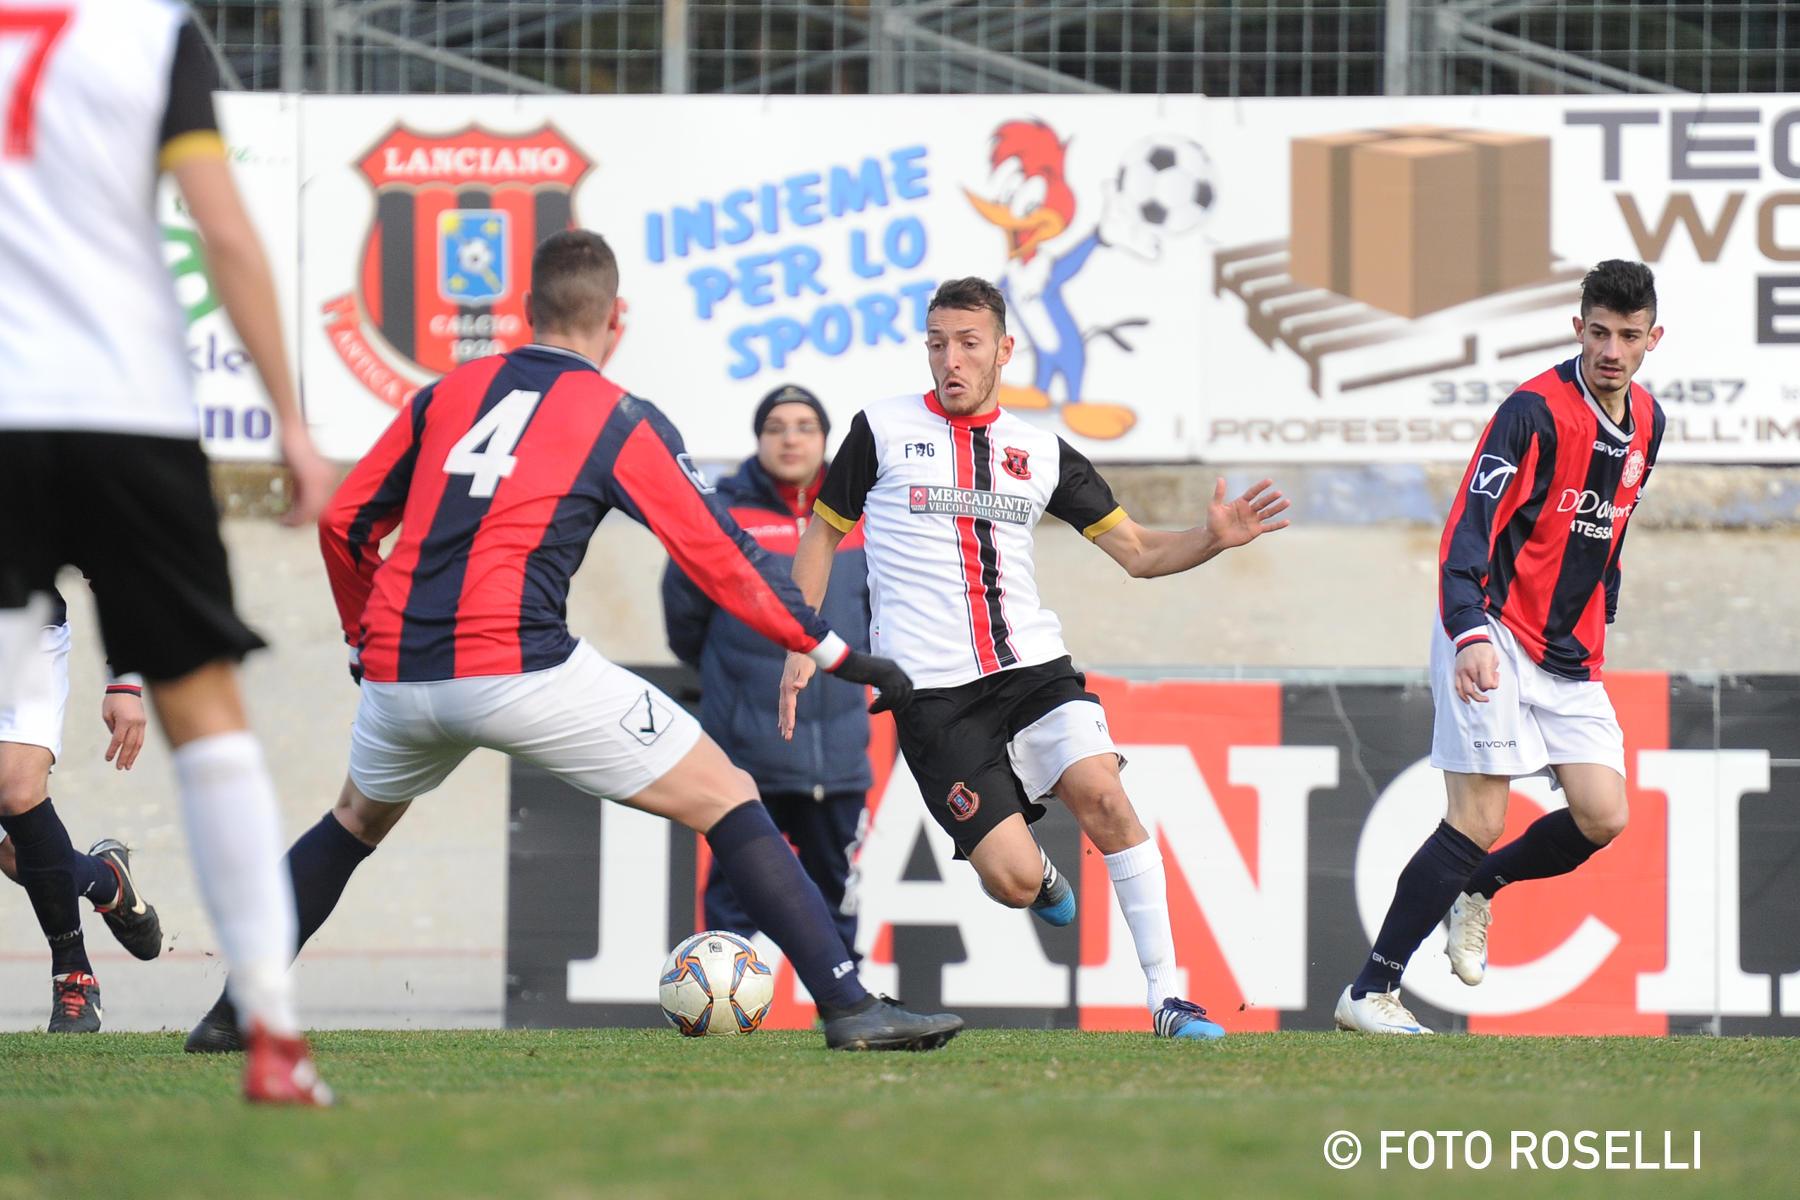 La Promozione in pugno: il Lanciano batte l'Atessa con un gol di Quintiliani e vola a +6